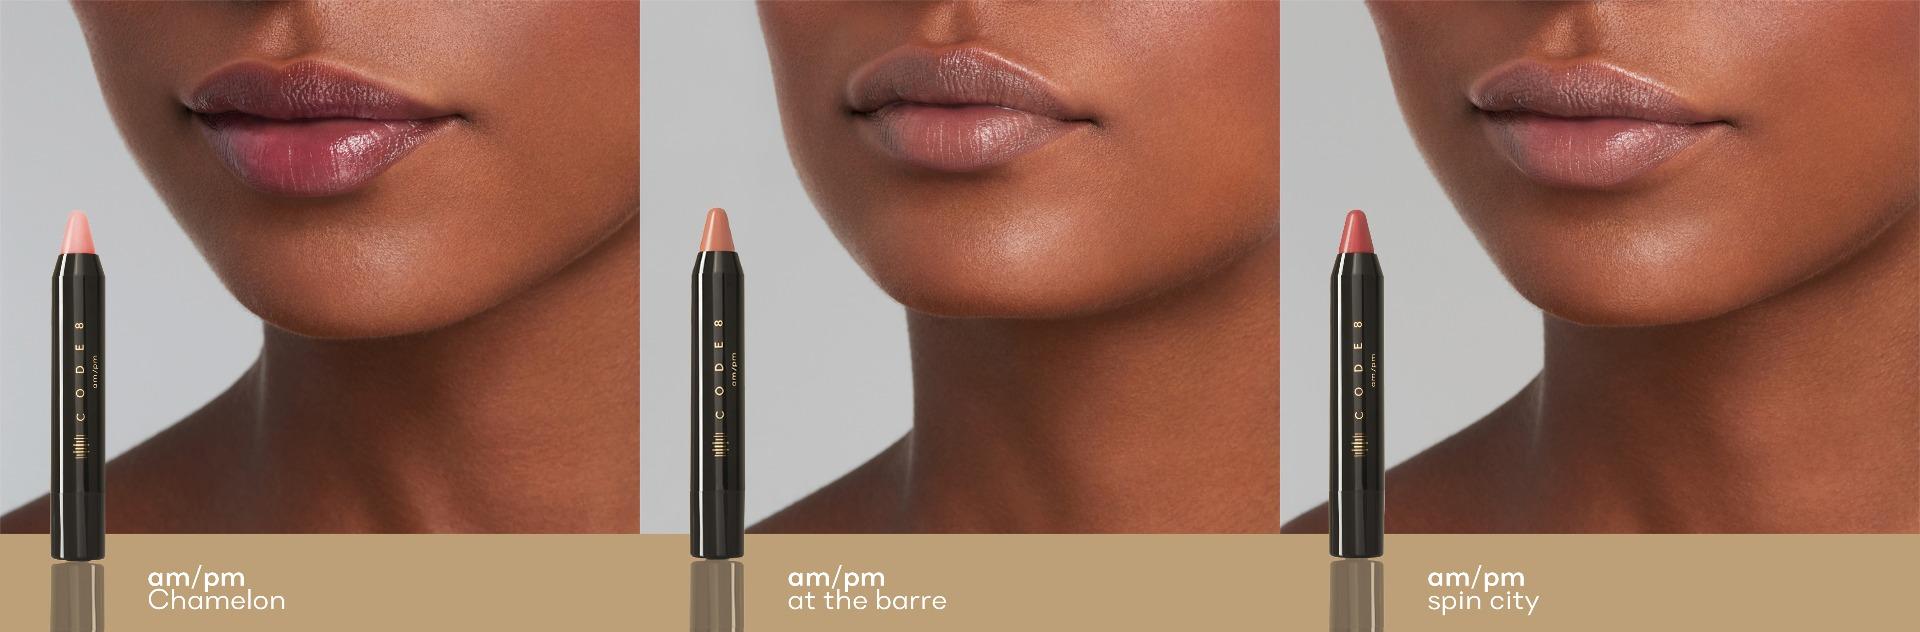 AM/PM Lip Balms With Vitamin E